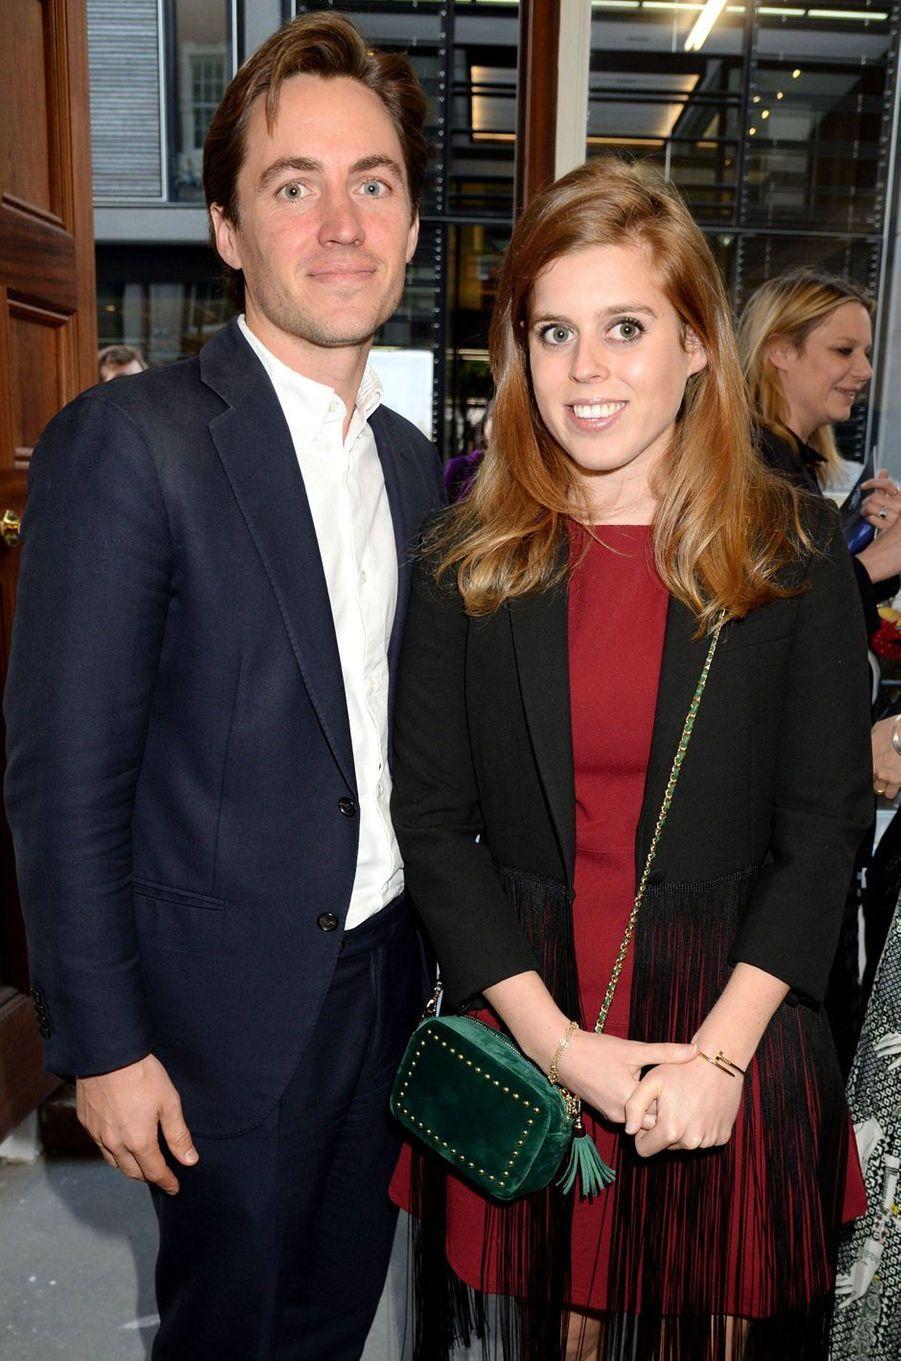 """La princesse Beatrice d'York, portant son bracelet """"Juste un clou"""" de Cartier, avec Edoardo Mapelli Mozzi, le 22 mai 2019"""